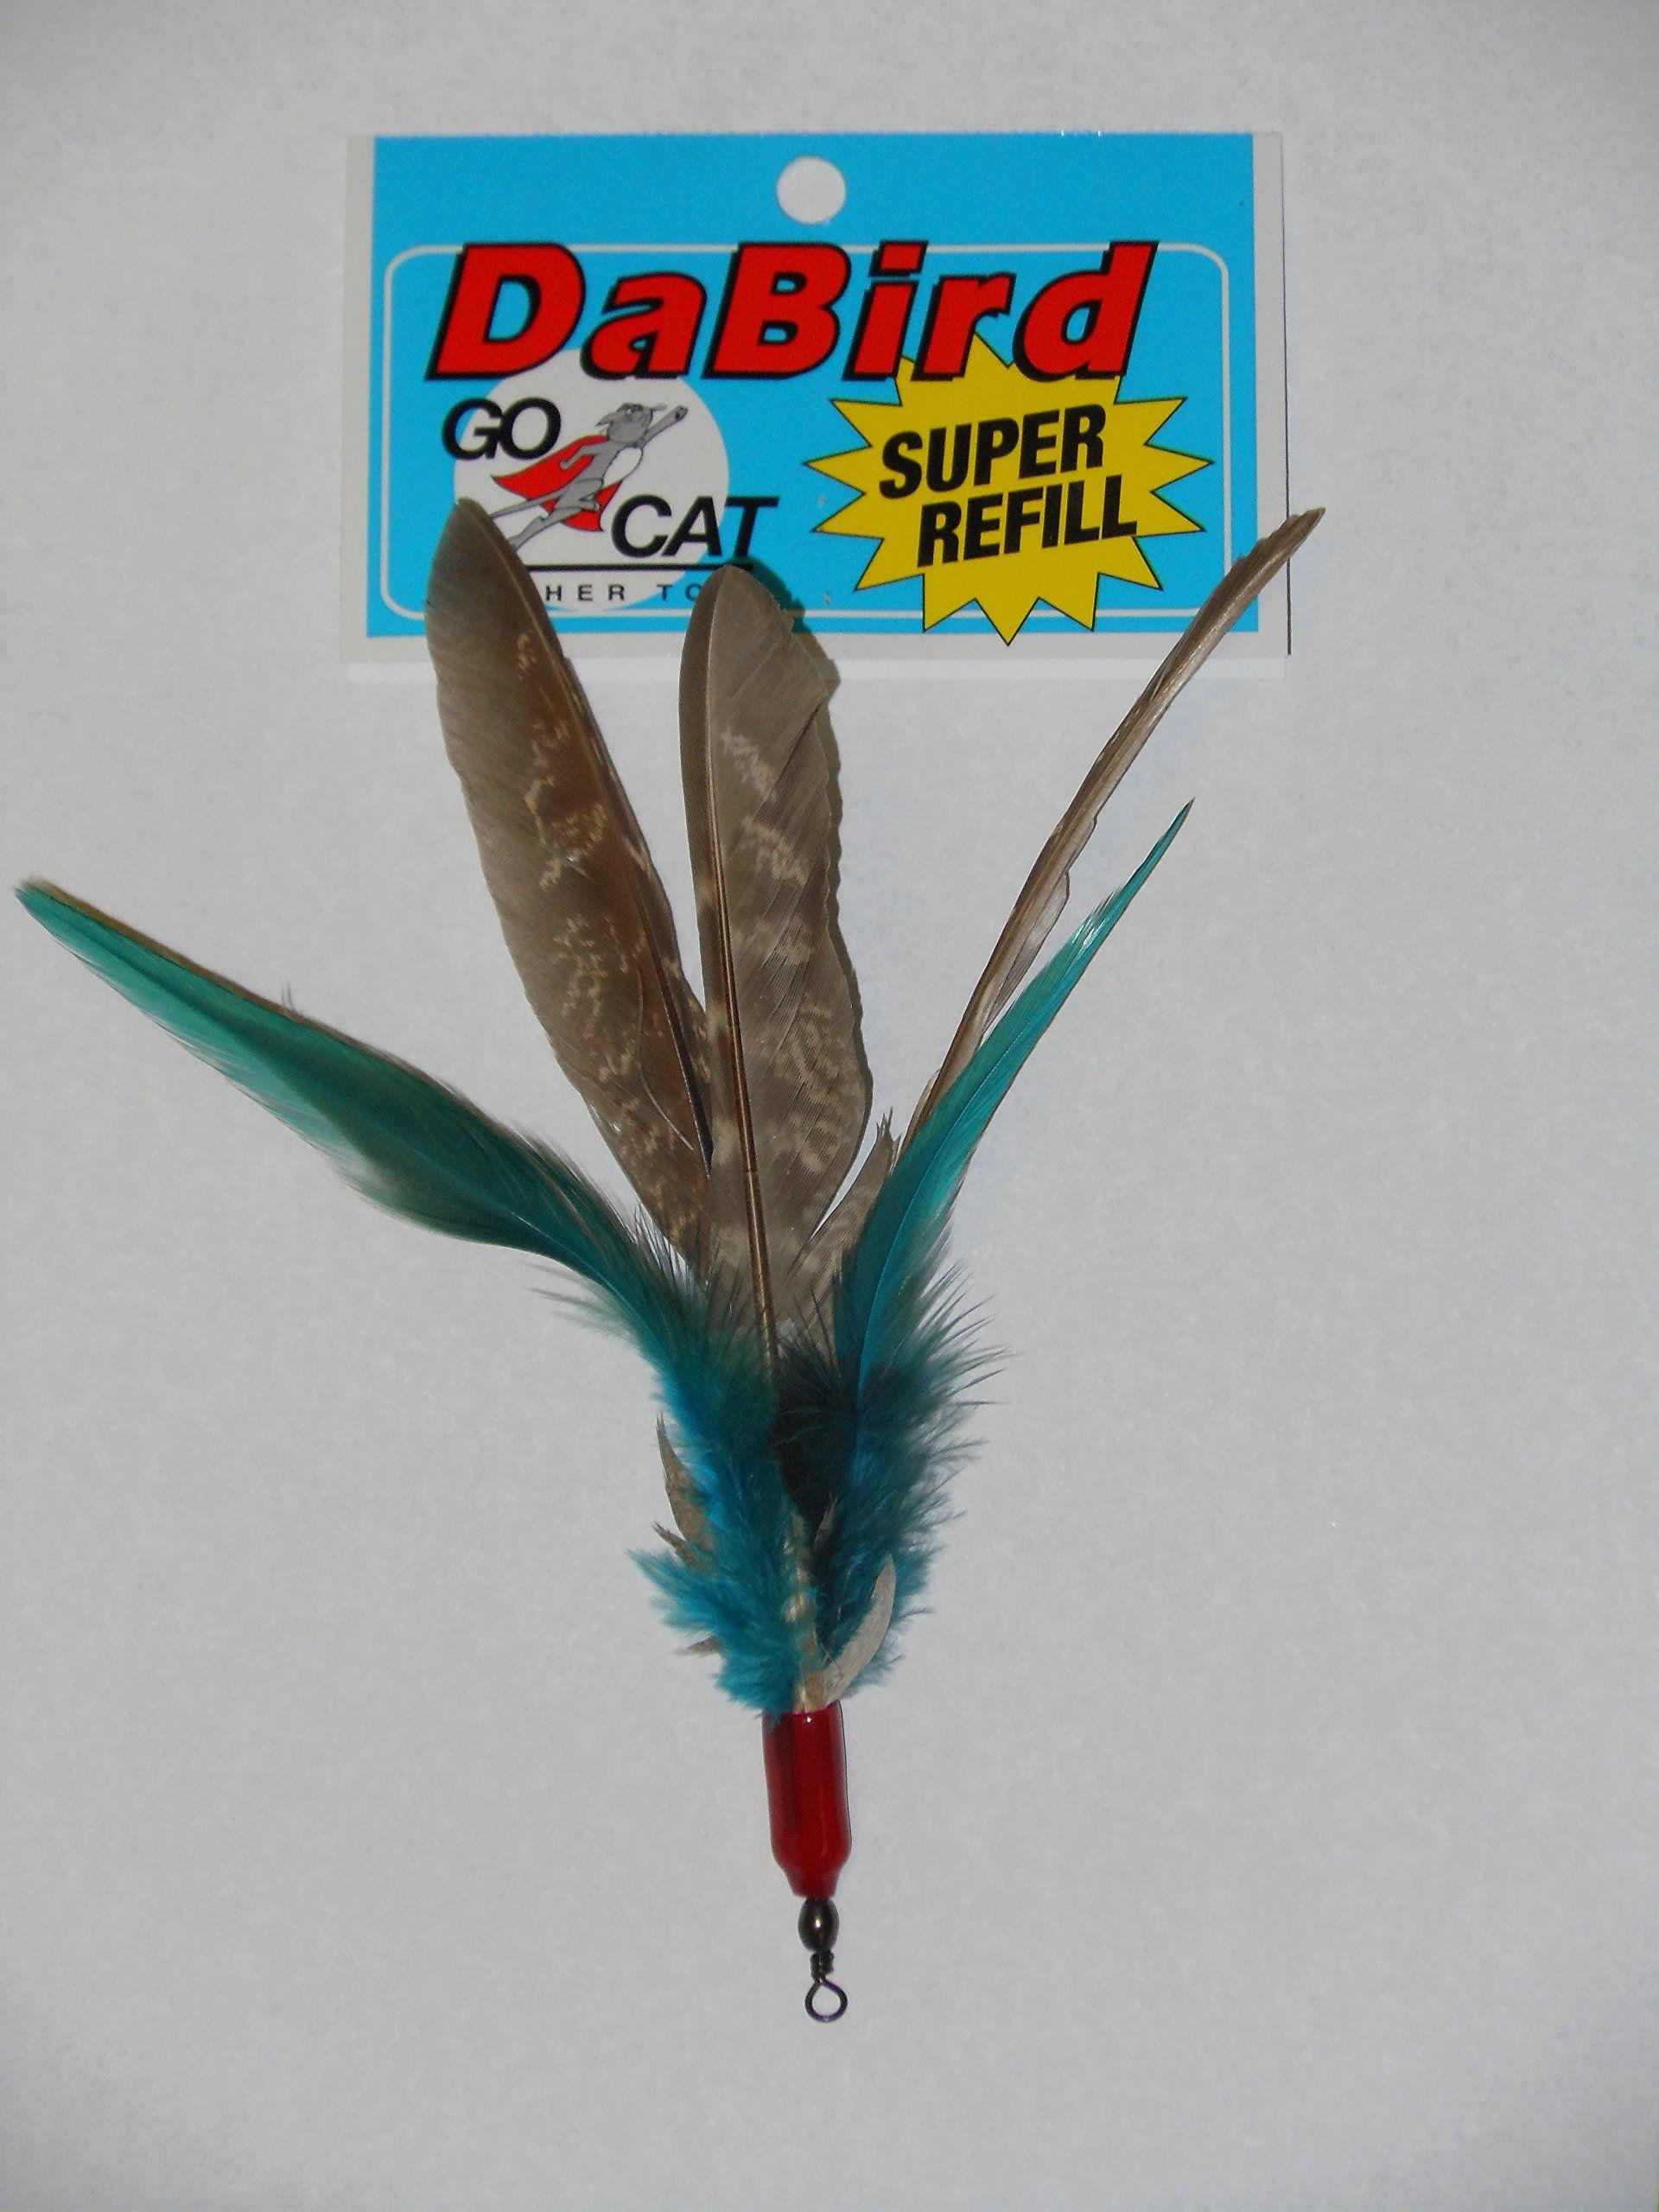 12 Pack of Go Cat Da Bird Super Feather Refills Plus